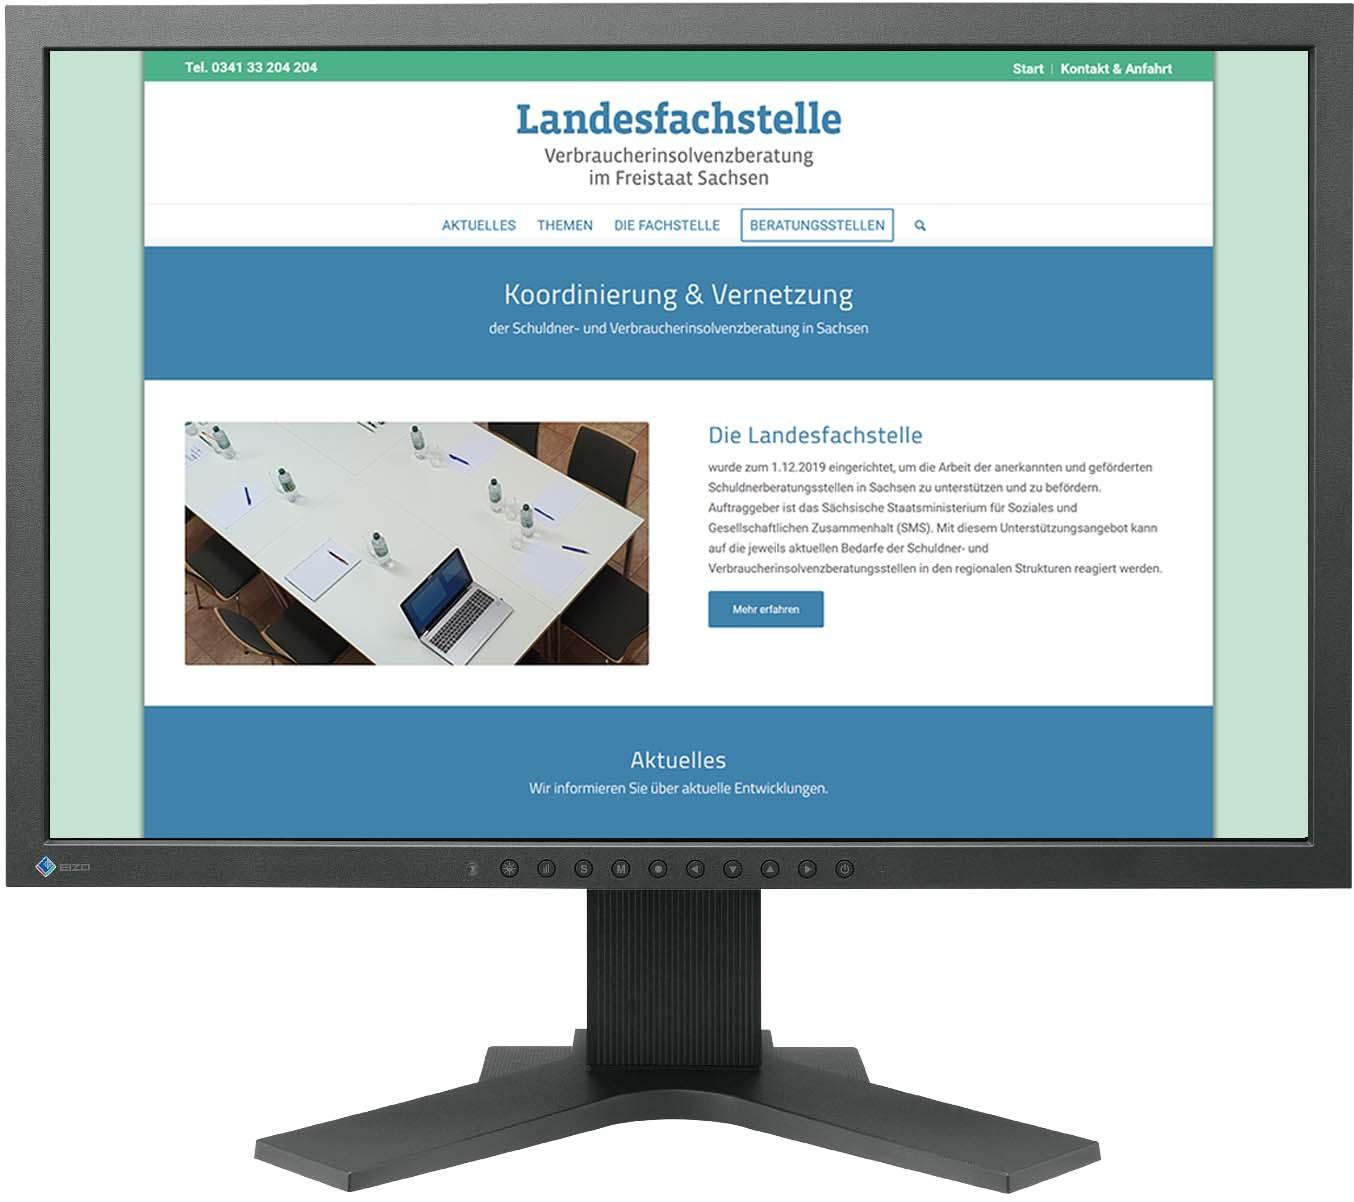 Website Landesfachstelle Verbraucherinsolvenzberatung